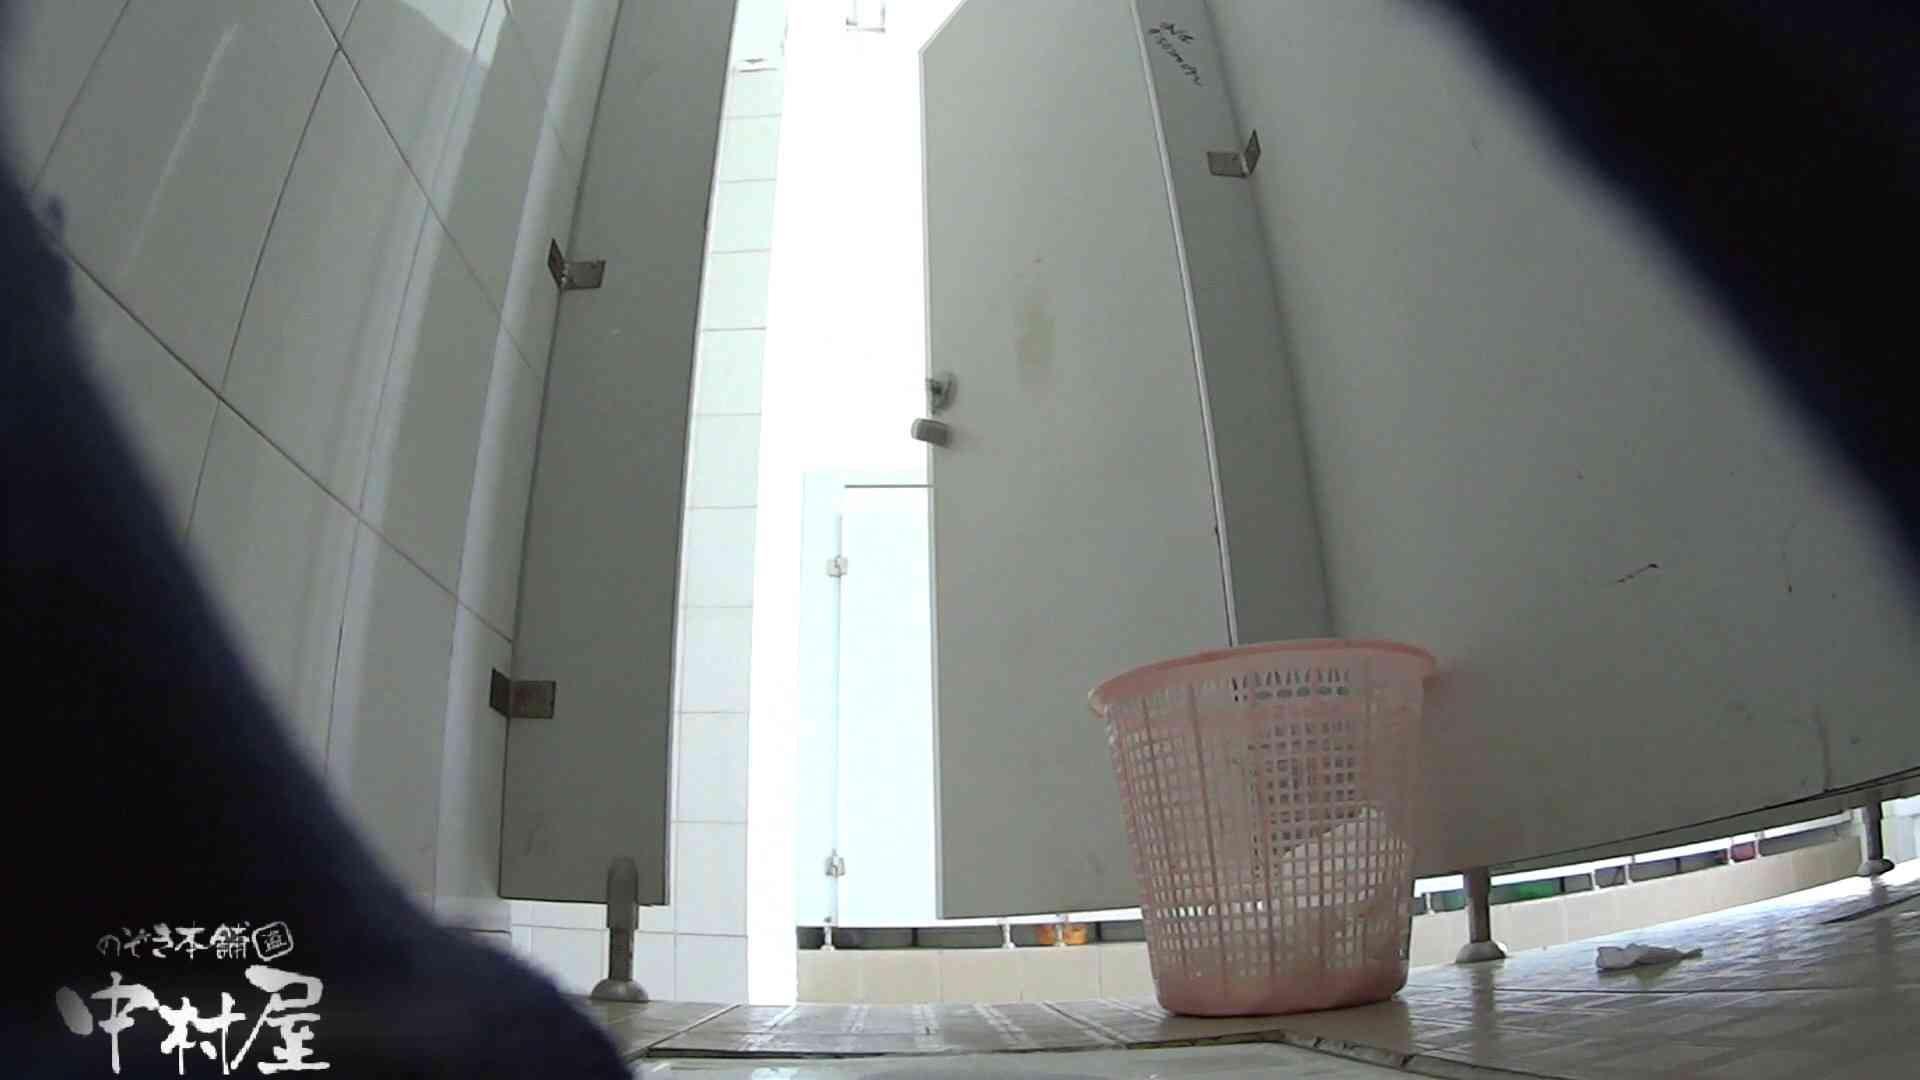 名大学休憩時間の洗面所事情01 美女のカラダ | お姉さん  11pic 5